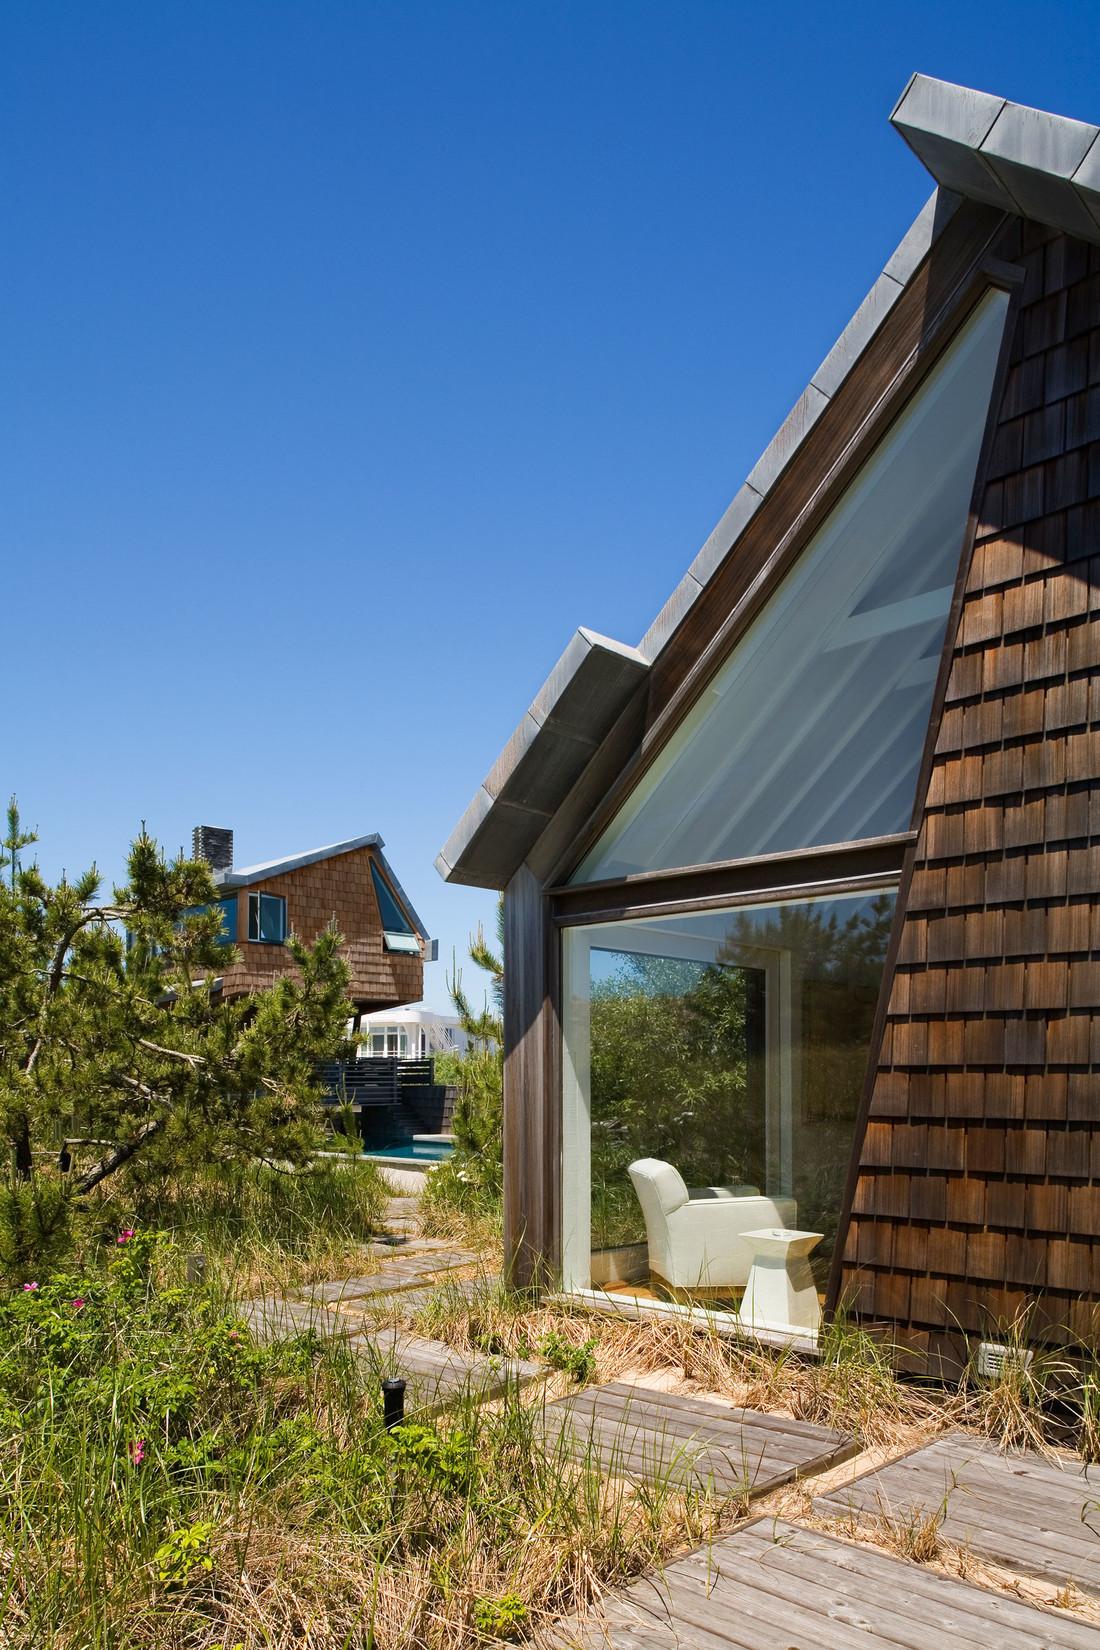 Whalers-Lane-House-Albert-Vecerka-8